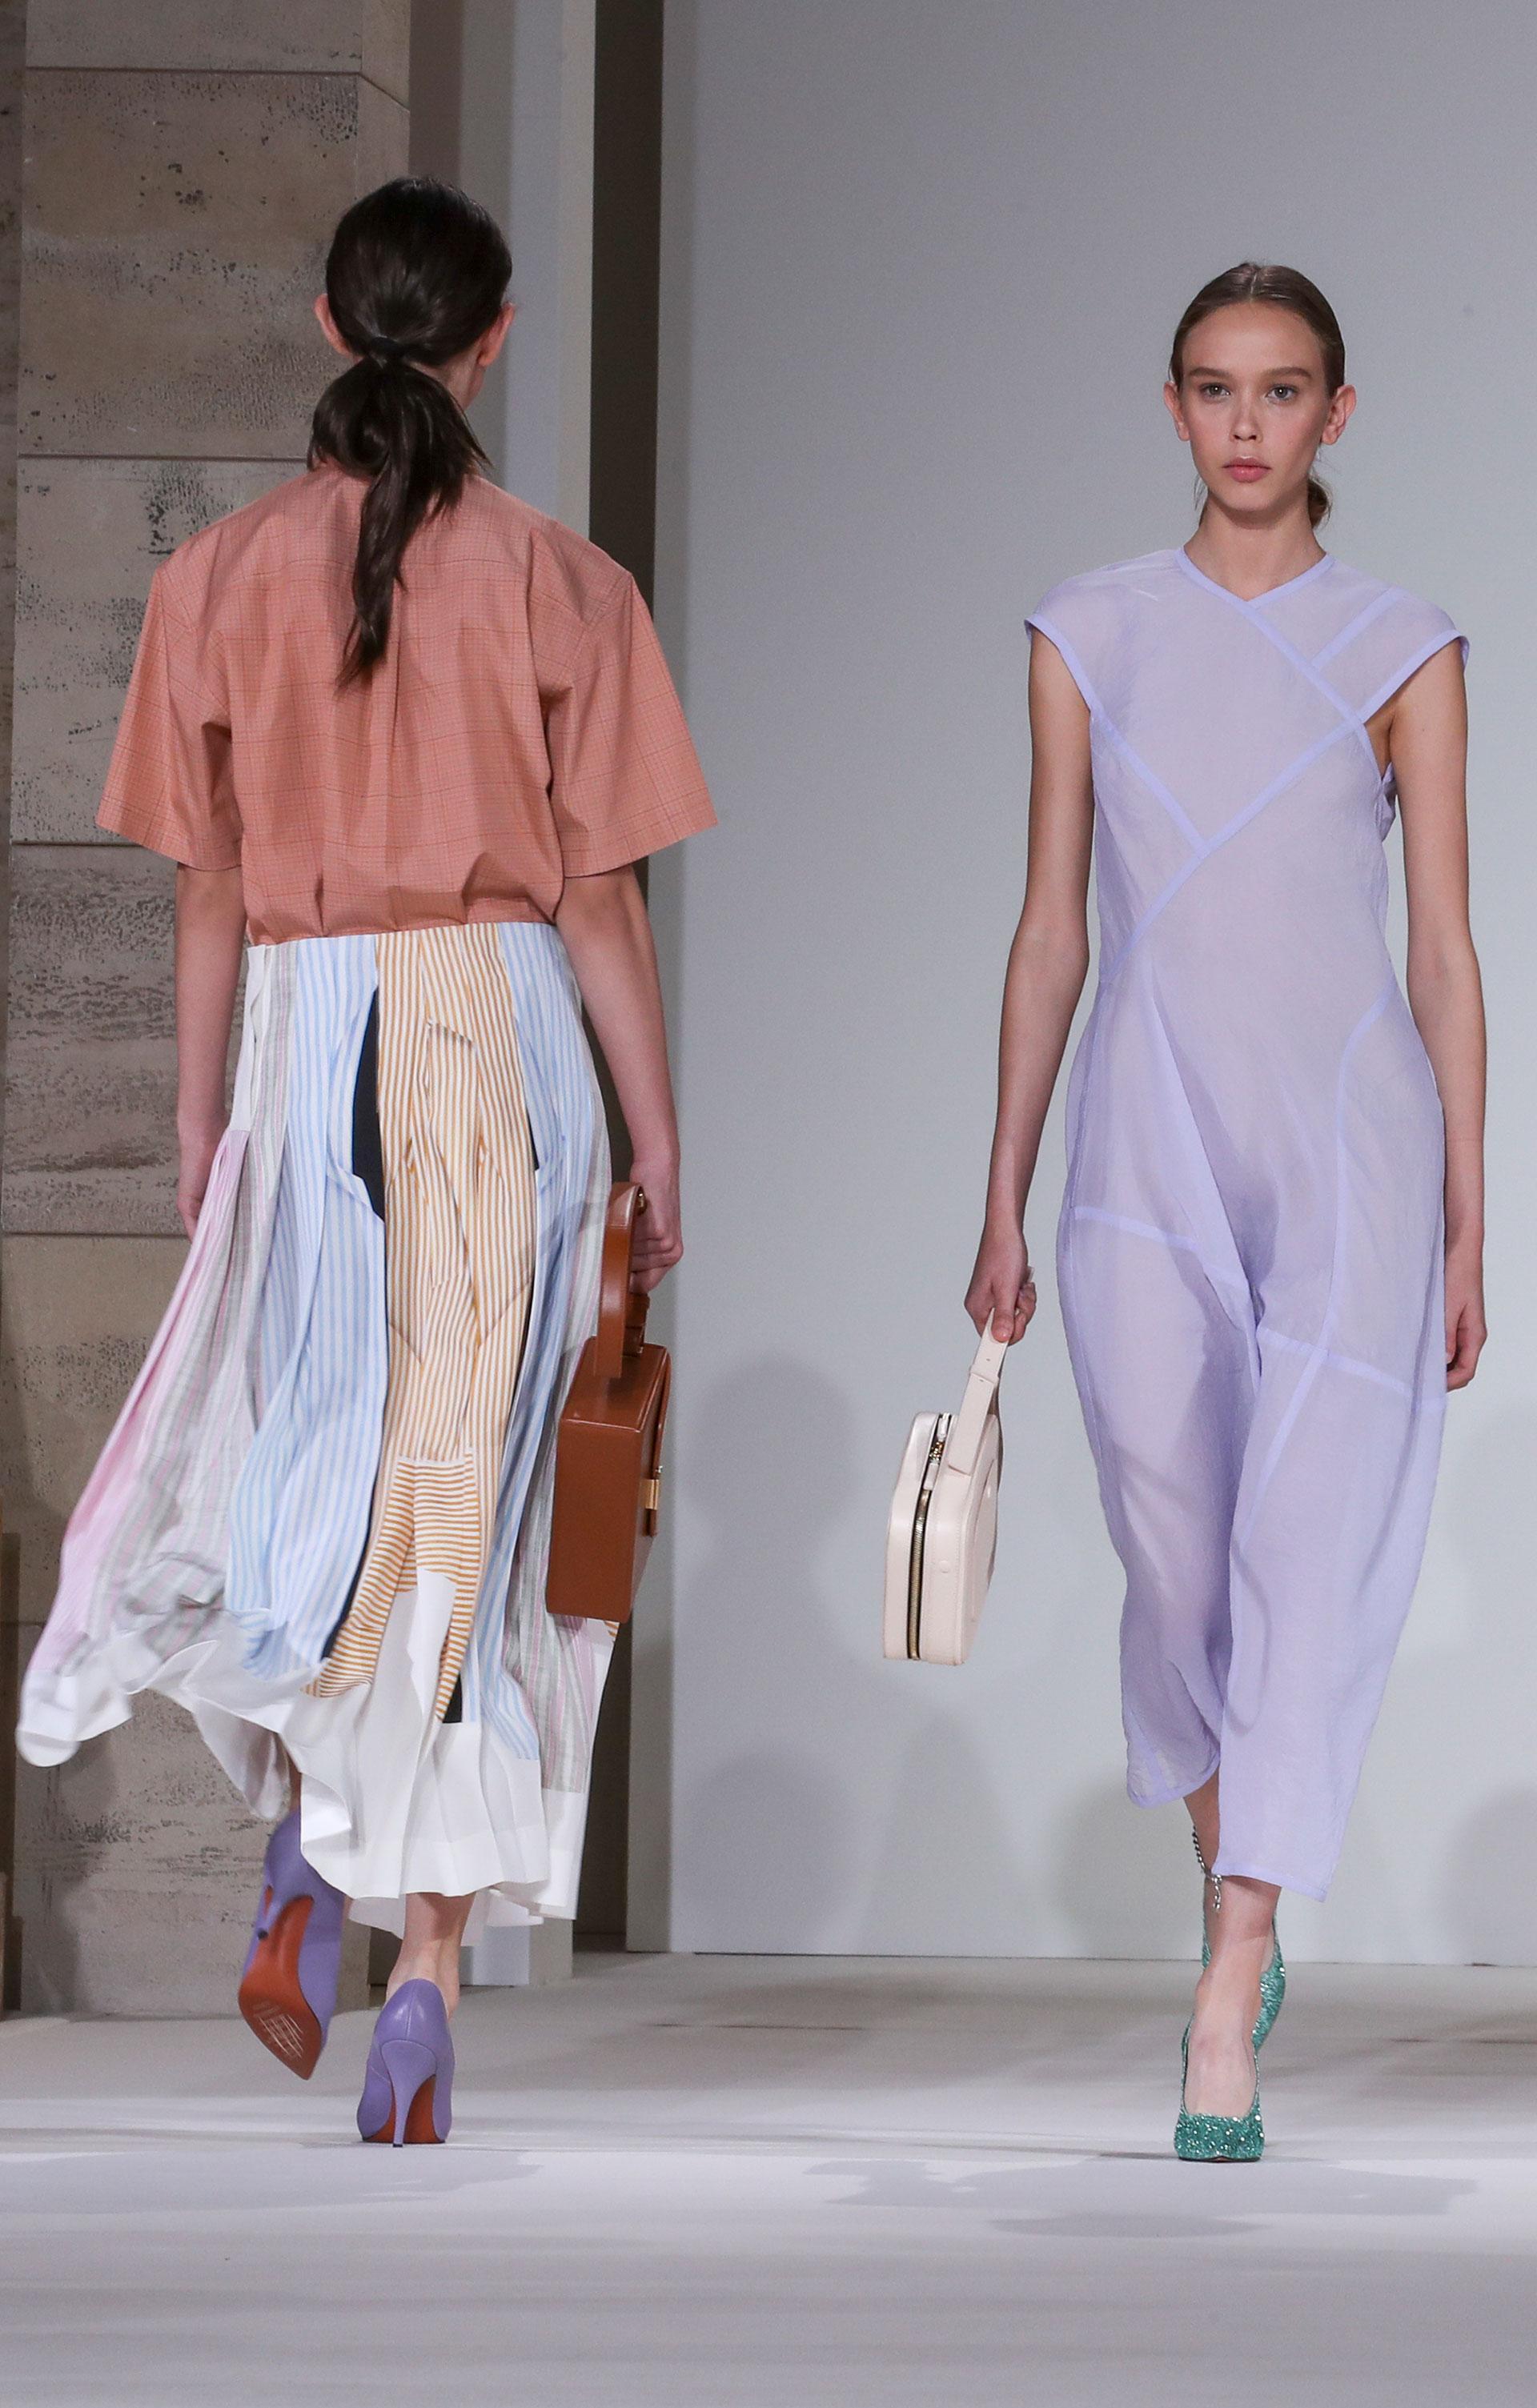 Pasteles en la totalidad de su colección combinando toda la paleta en prendas y stilettos (AP)